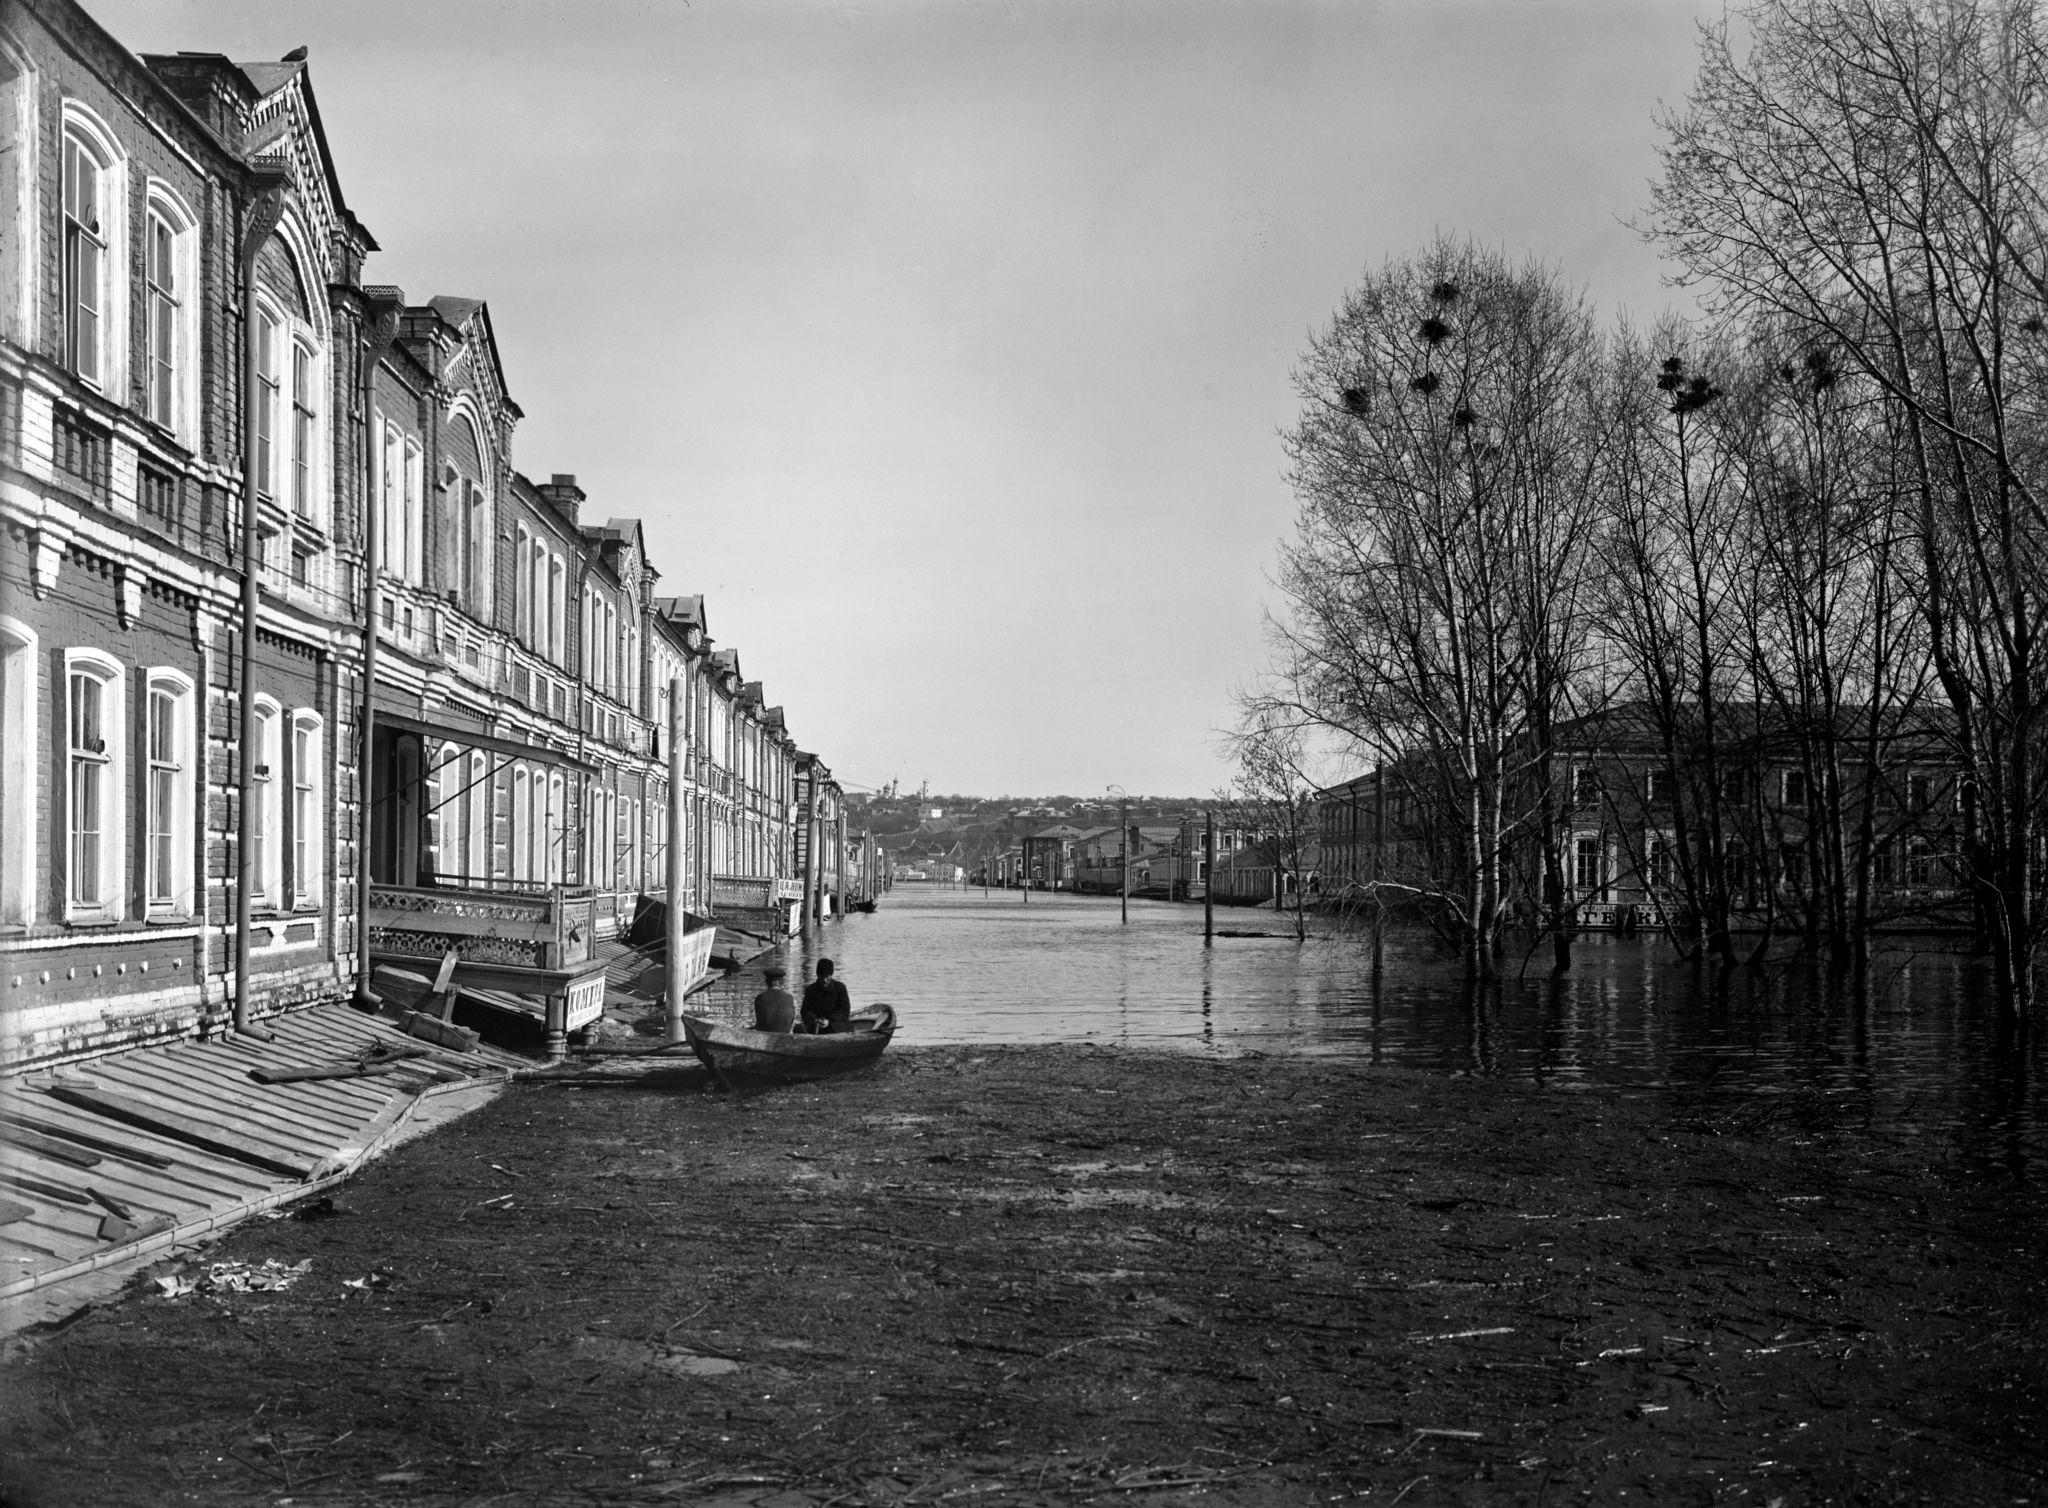 Нижегородская (Самаркандская) улица. Справа сад Аркадия